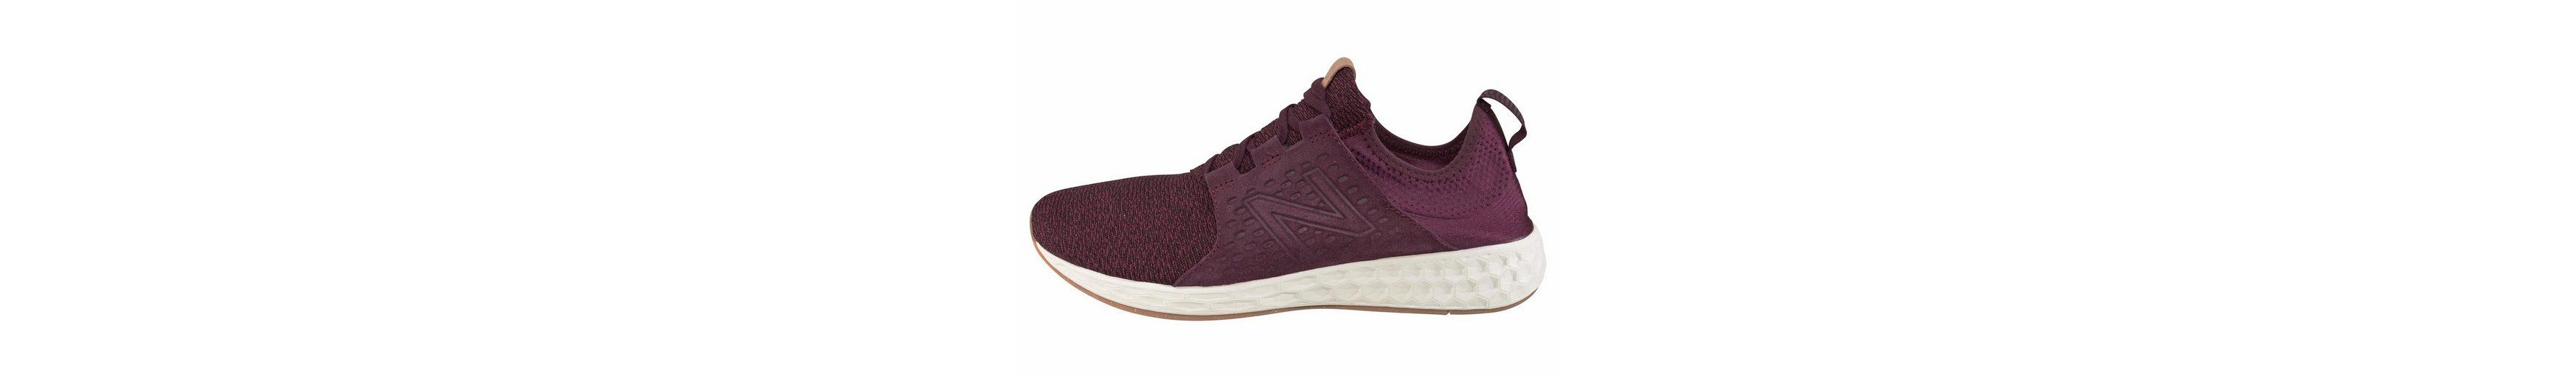 New Balance Cruz Sneaker Aus Deutschland Outlet Besten Großhandel OhkFNRlgN